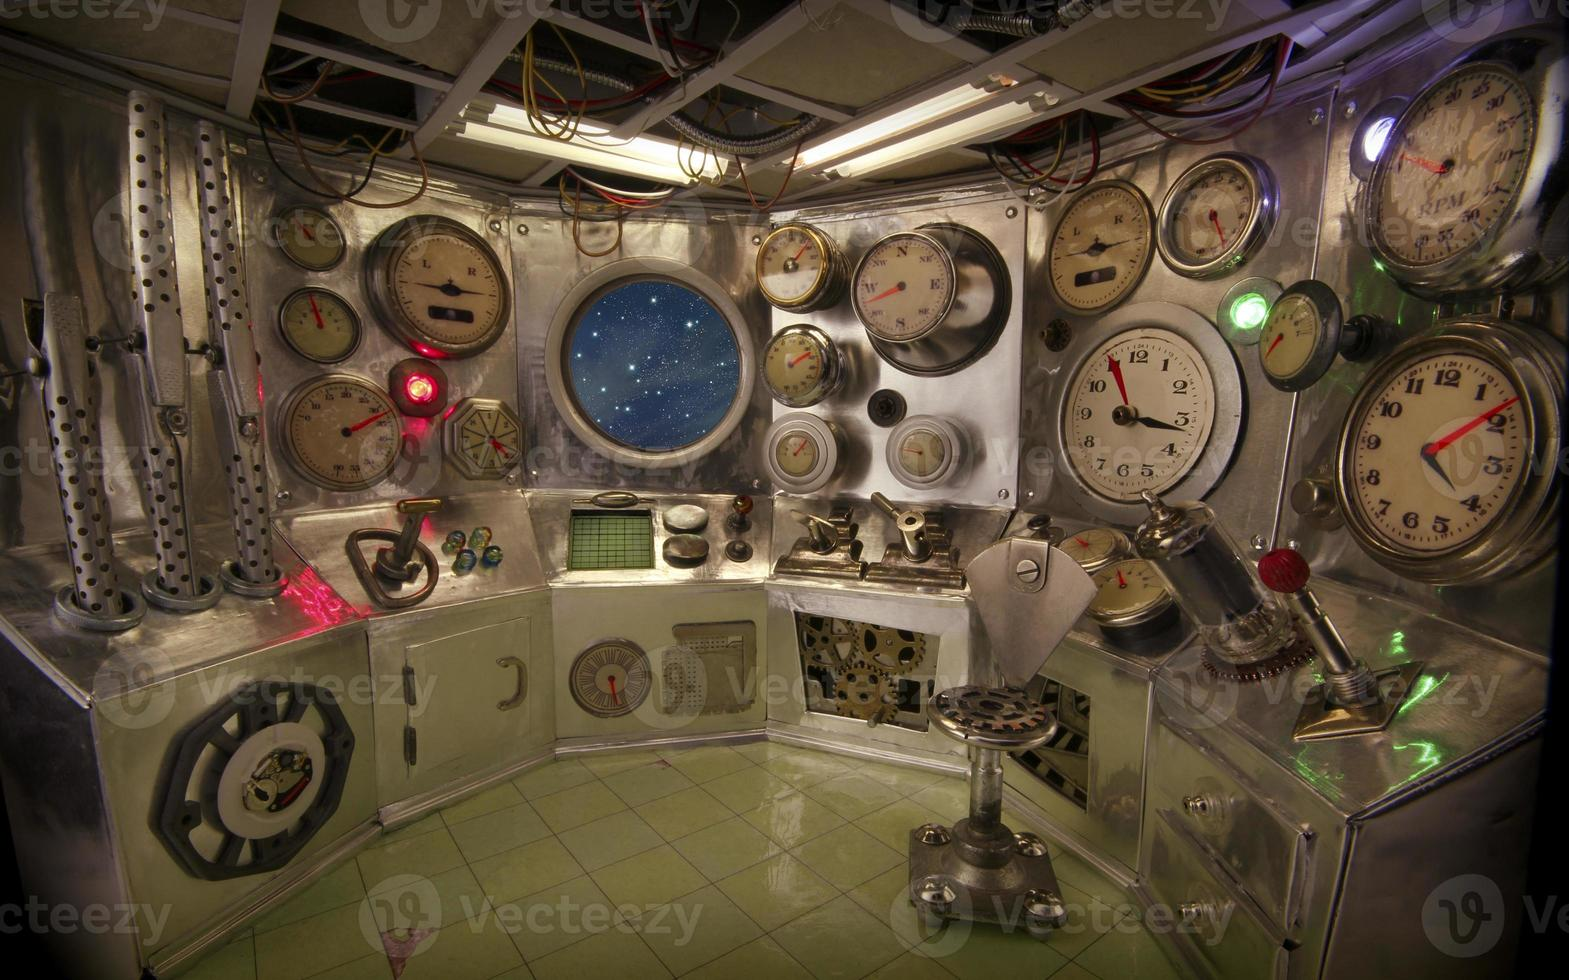 sala de control con cielo estrellado foto